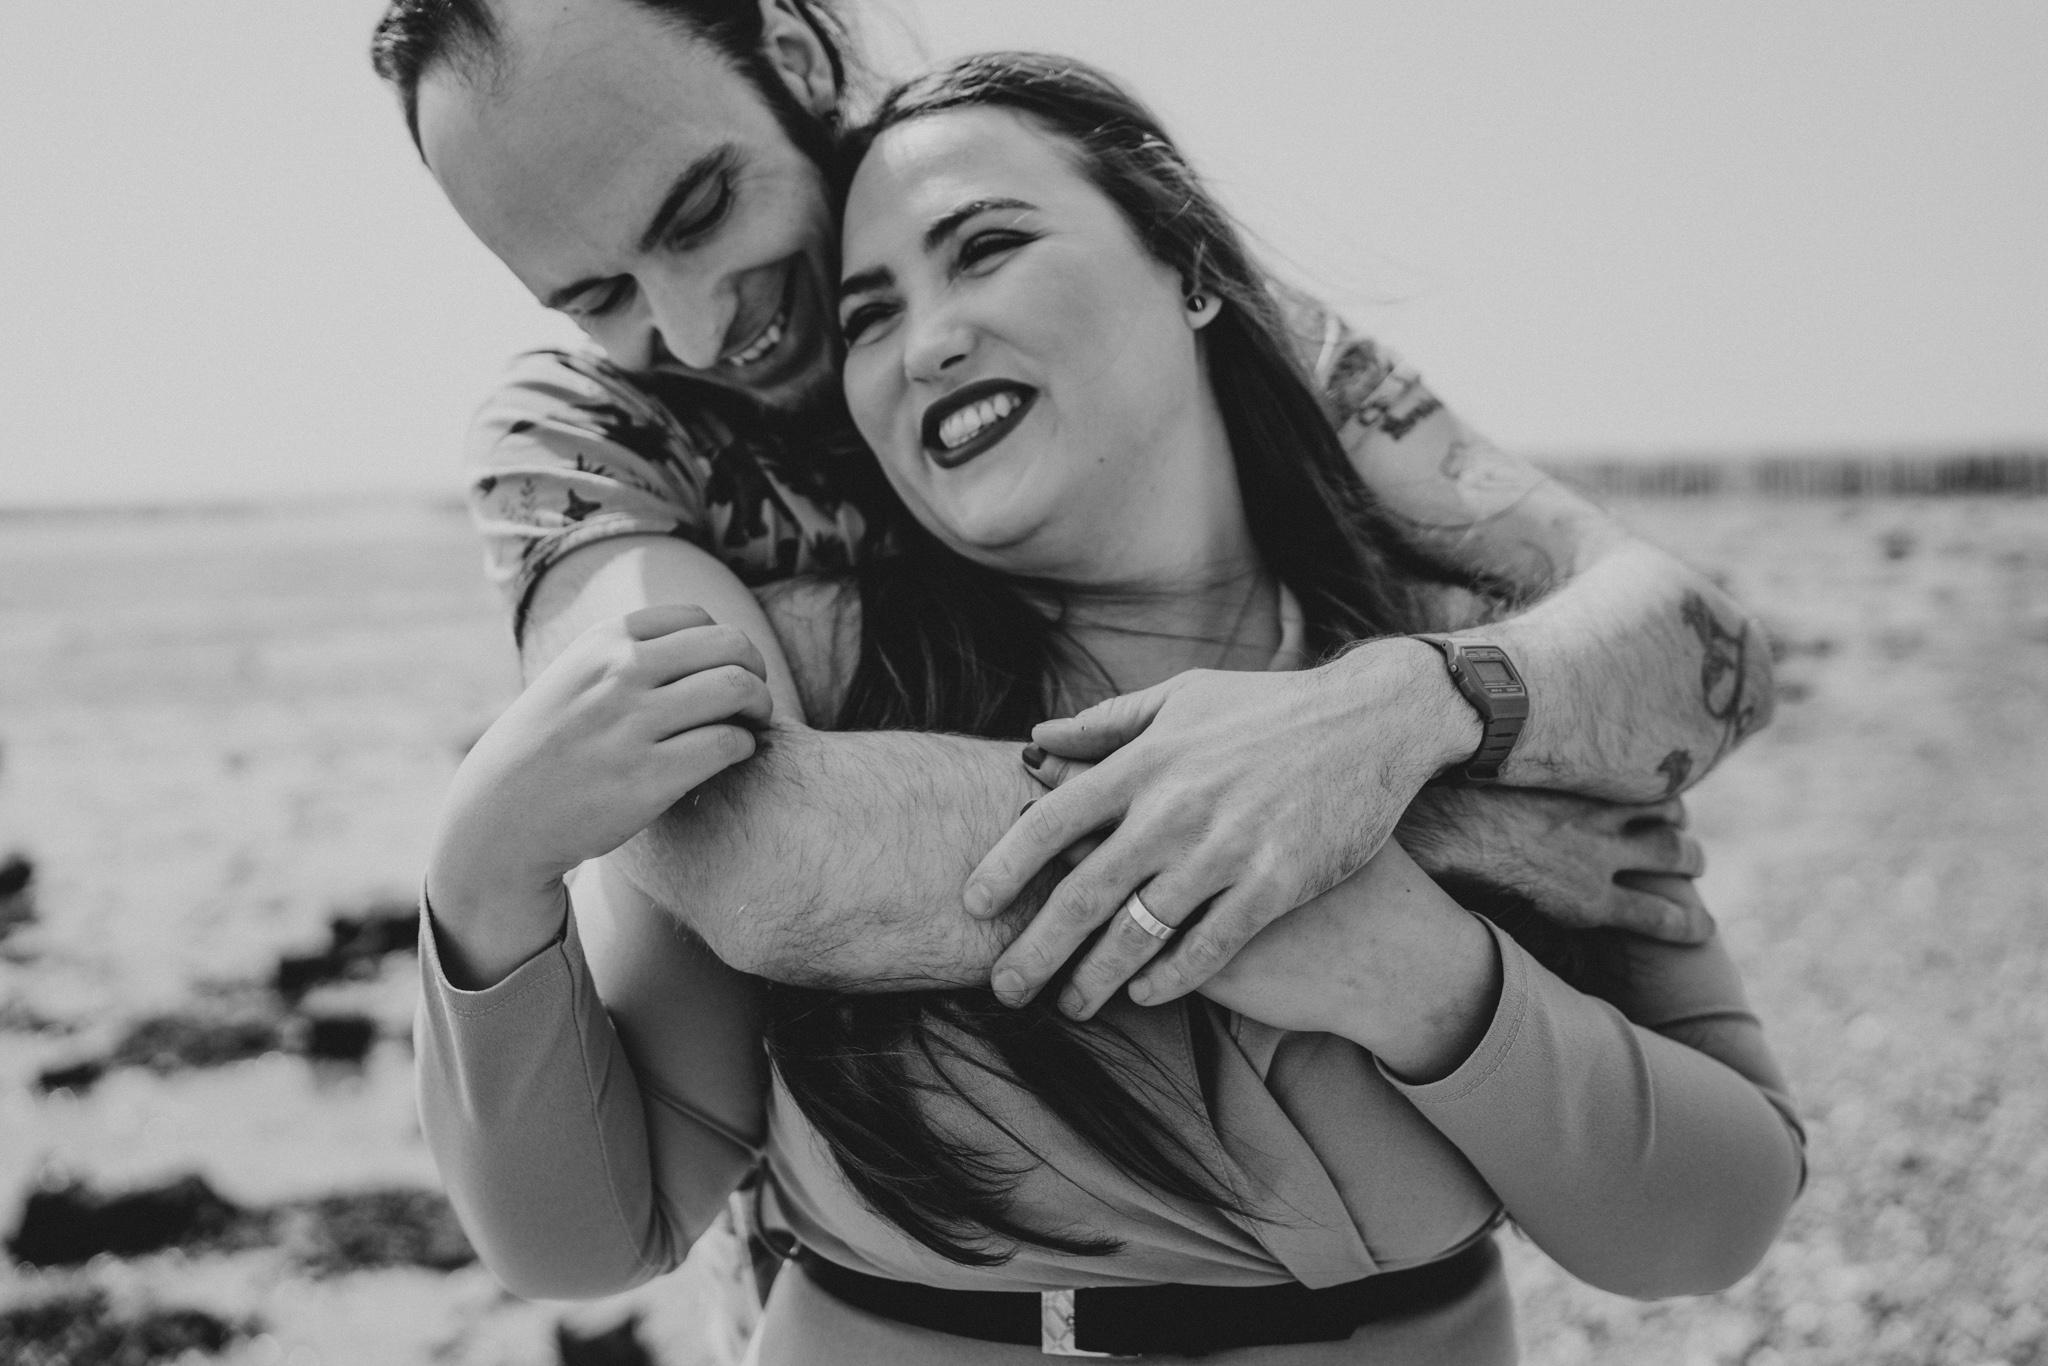 hayley-sam-cudmore-grove-pre-wedding-engagement-session-grace-elizabeth-colchester-essex-alternative-wedding-lifestyle-photographer-essex-suffolk-norfolk-devon (20 of 56).jpg